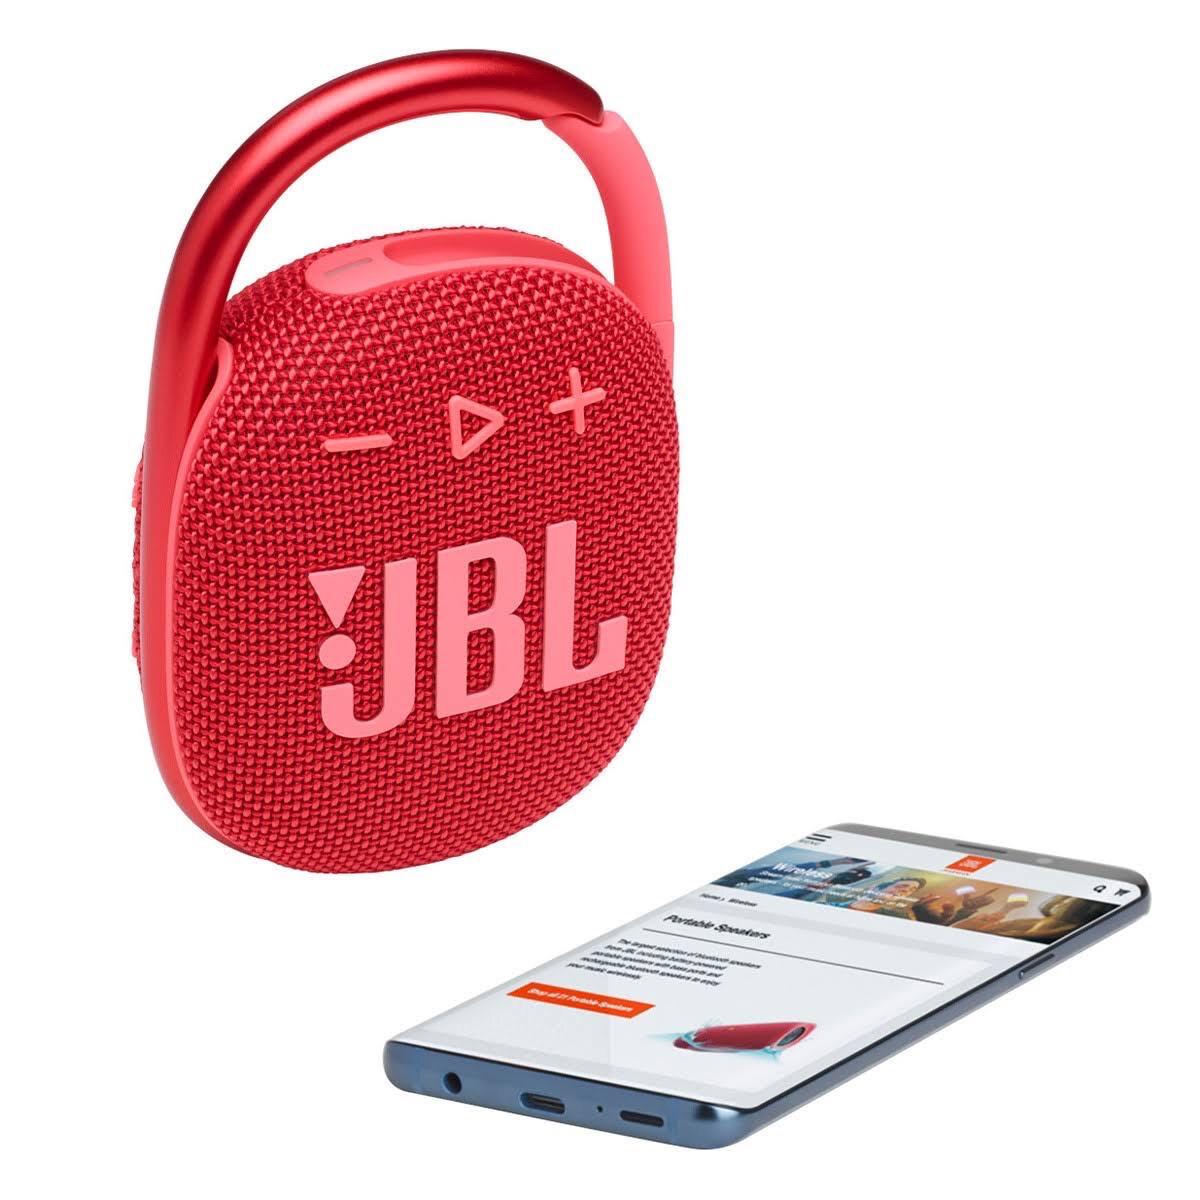 Parlante Jbl Clip 4 Bluetooth 10 Horas De Batería 5W Red